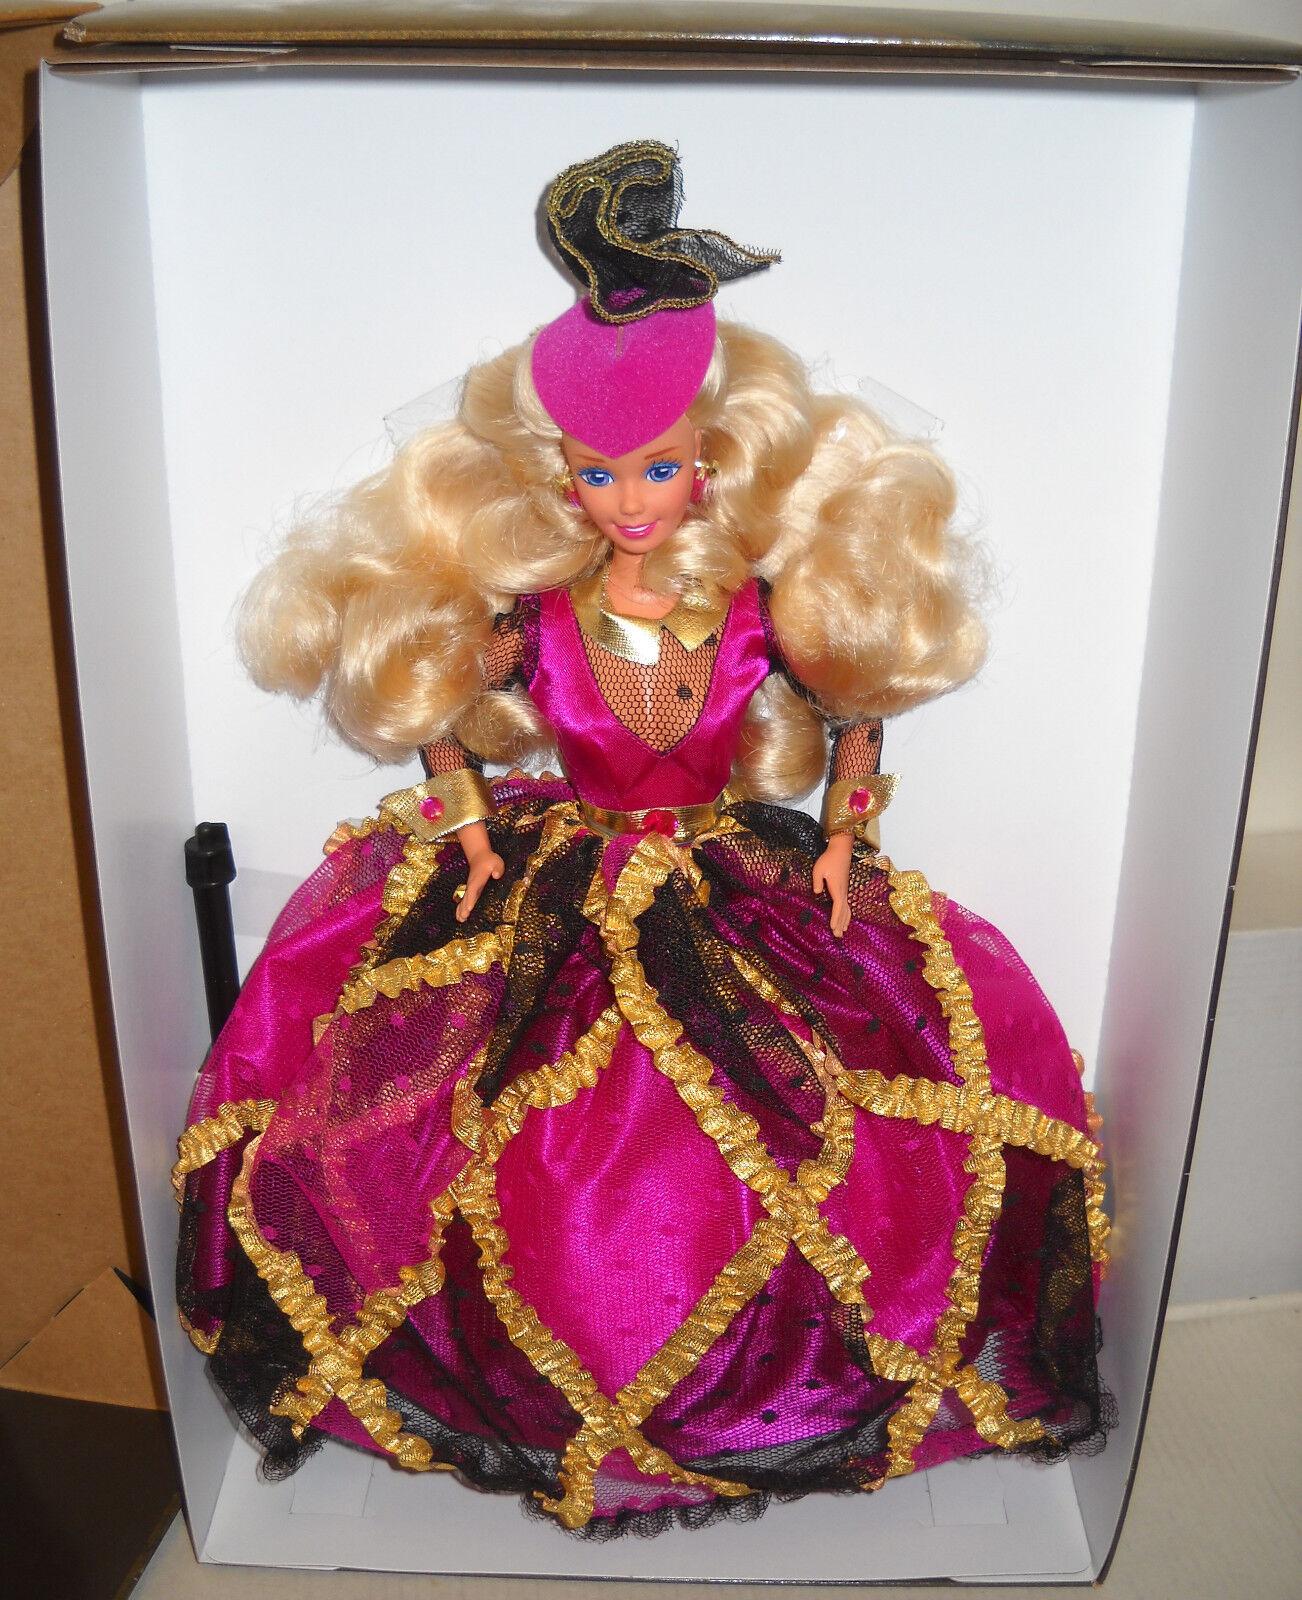 Nunca quitado de la Caja Mattel Spiegel catálogo Royal invitación Barbie Edición Limitada